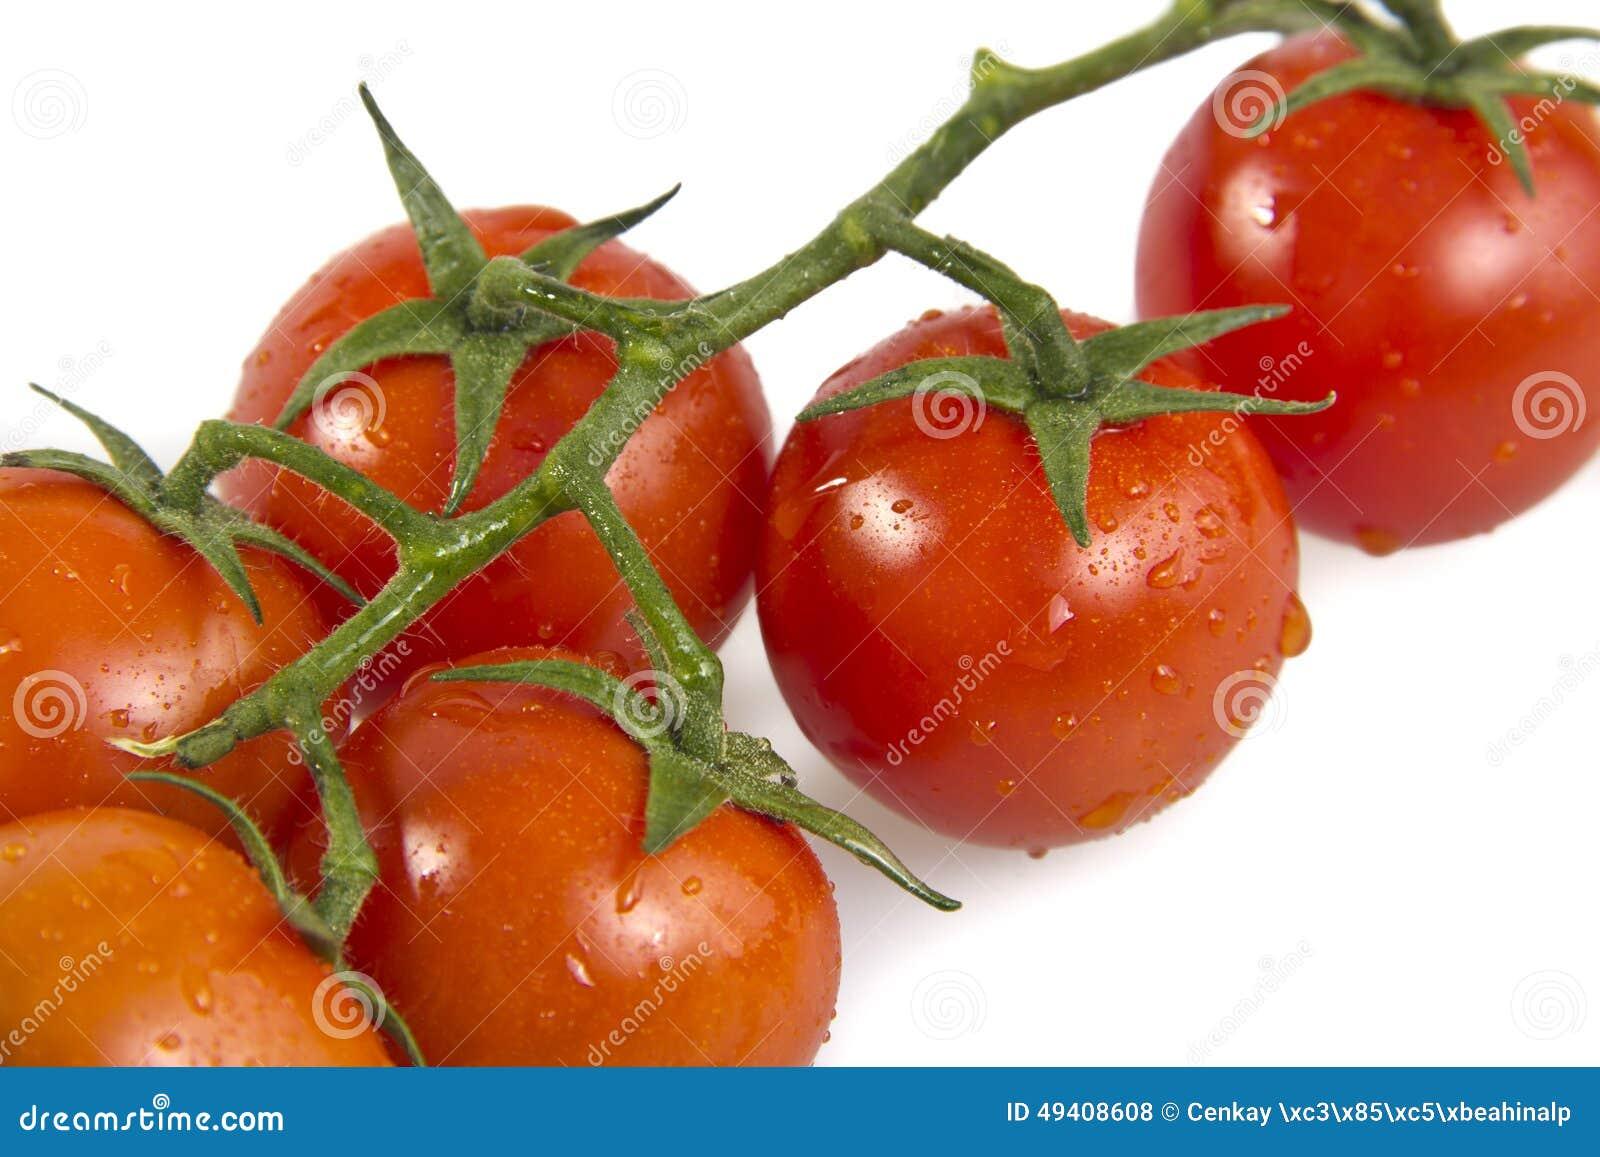 Download Tomaten stockfoto. Bild von landwirtschaft, rebe, reif - 49408608